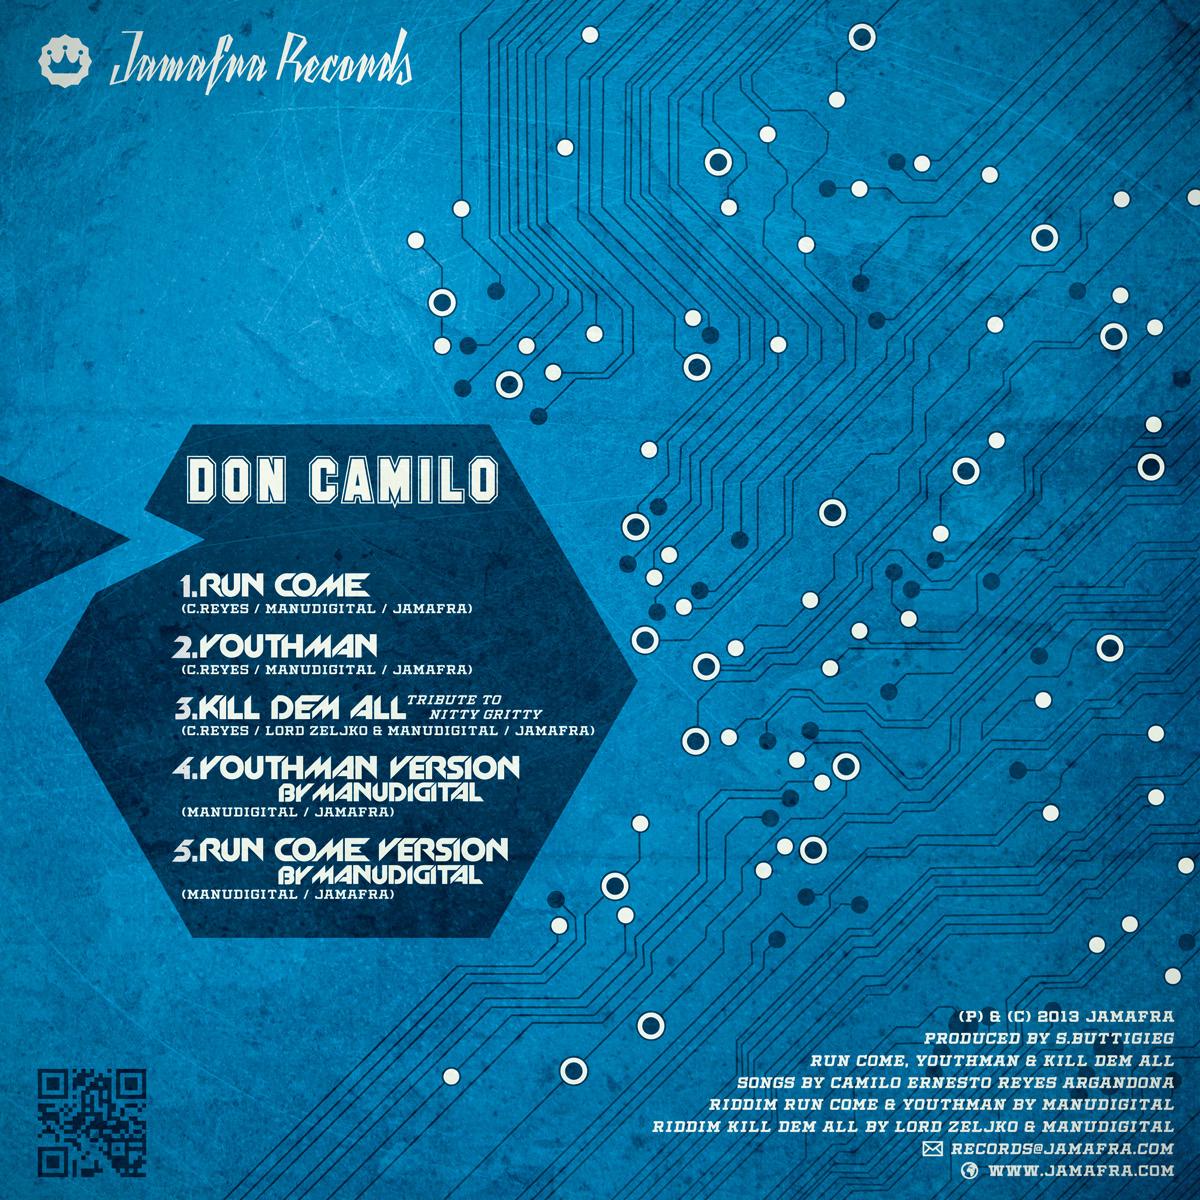 Don Camilo : Run Come